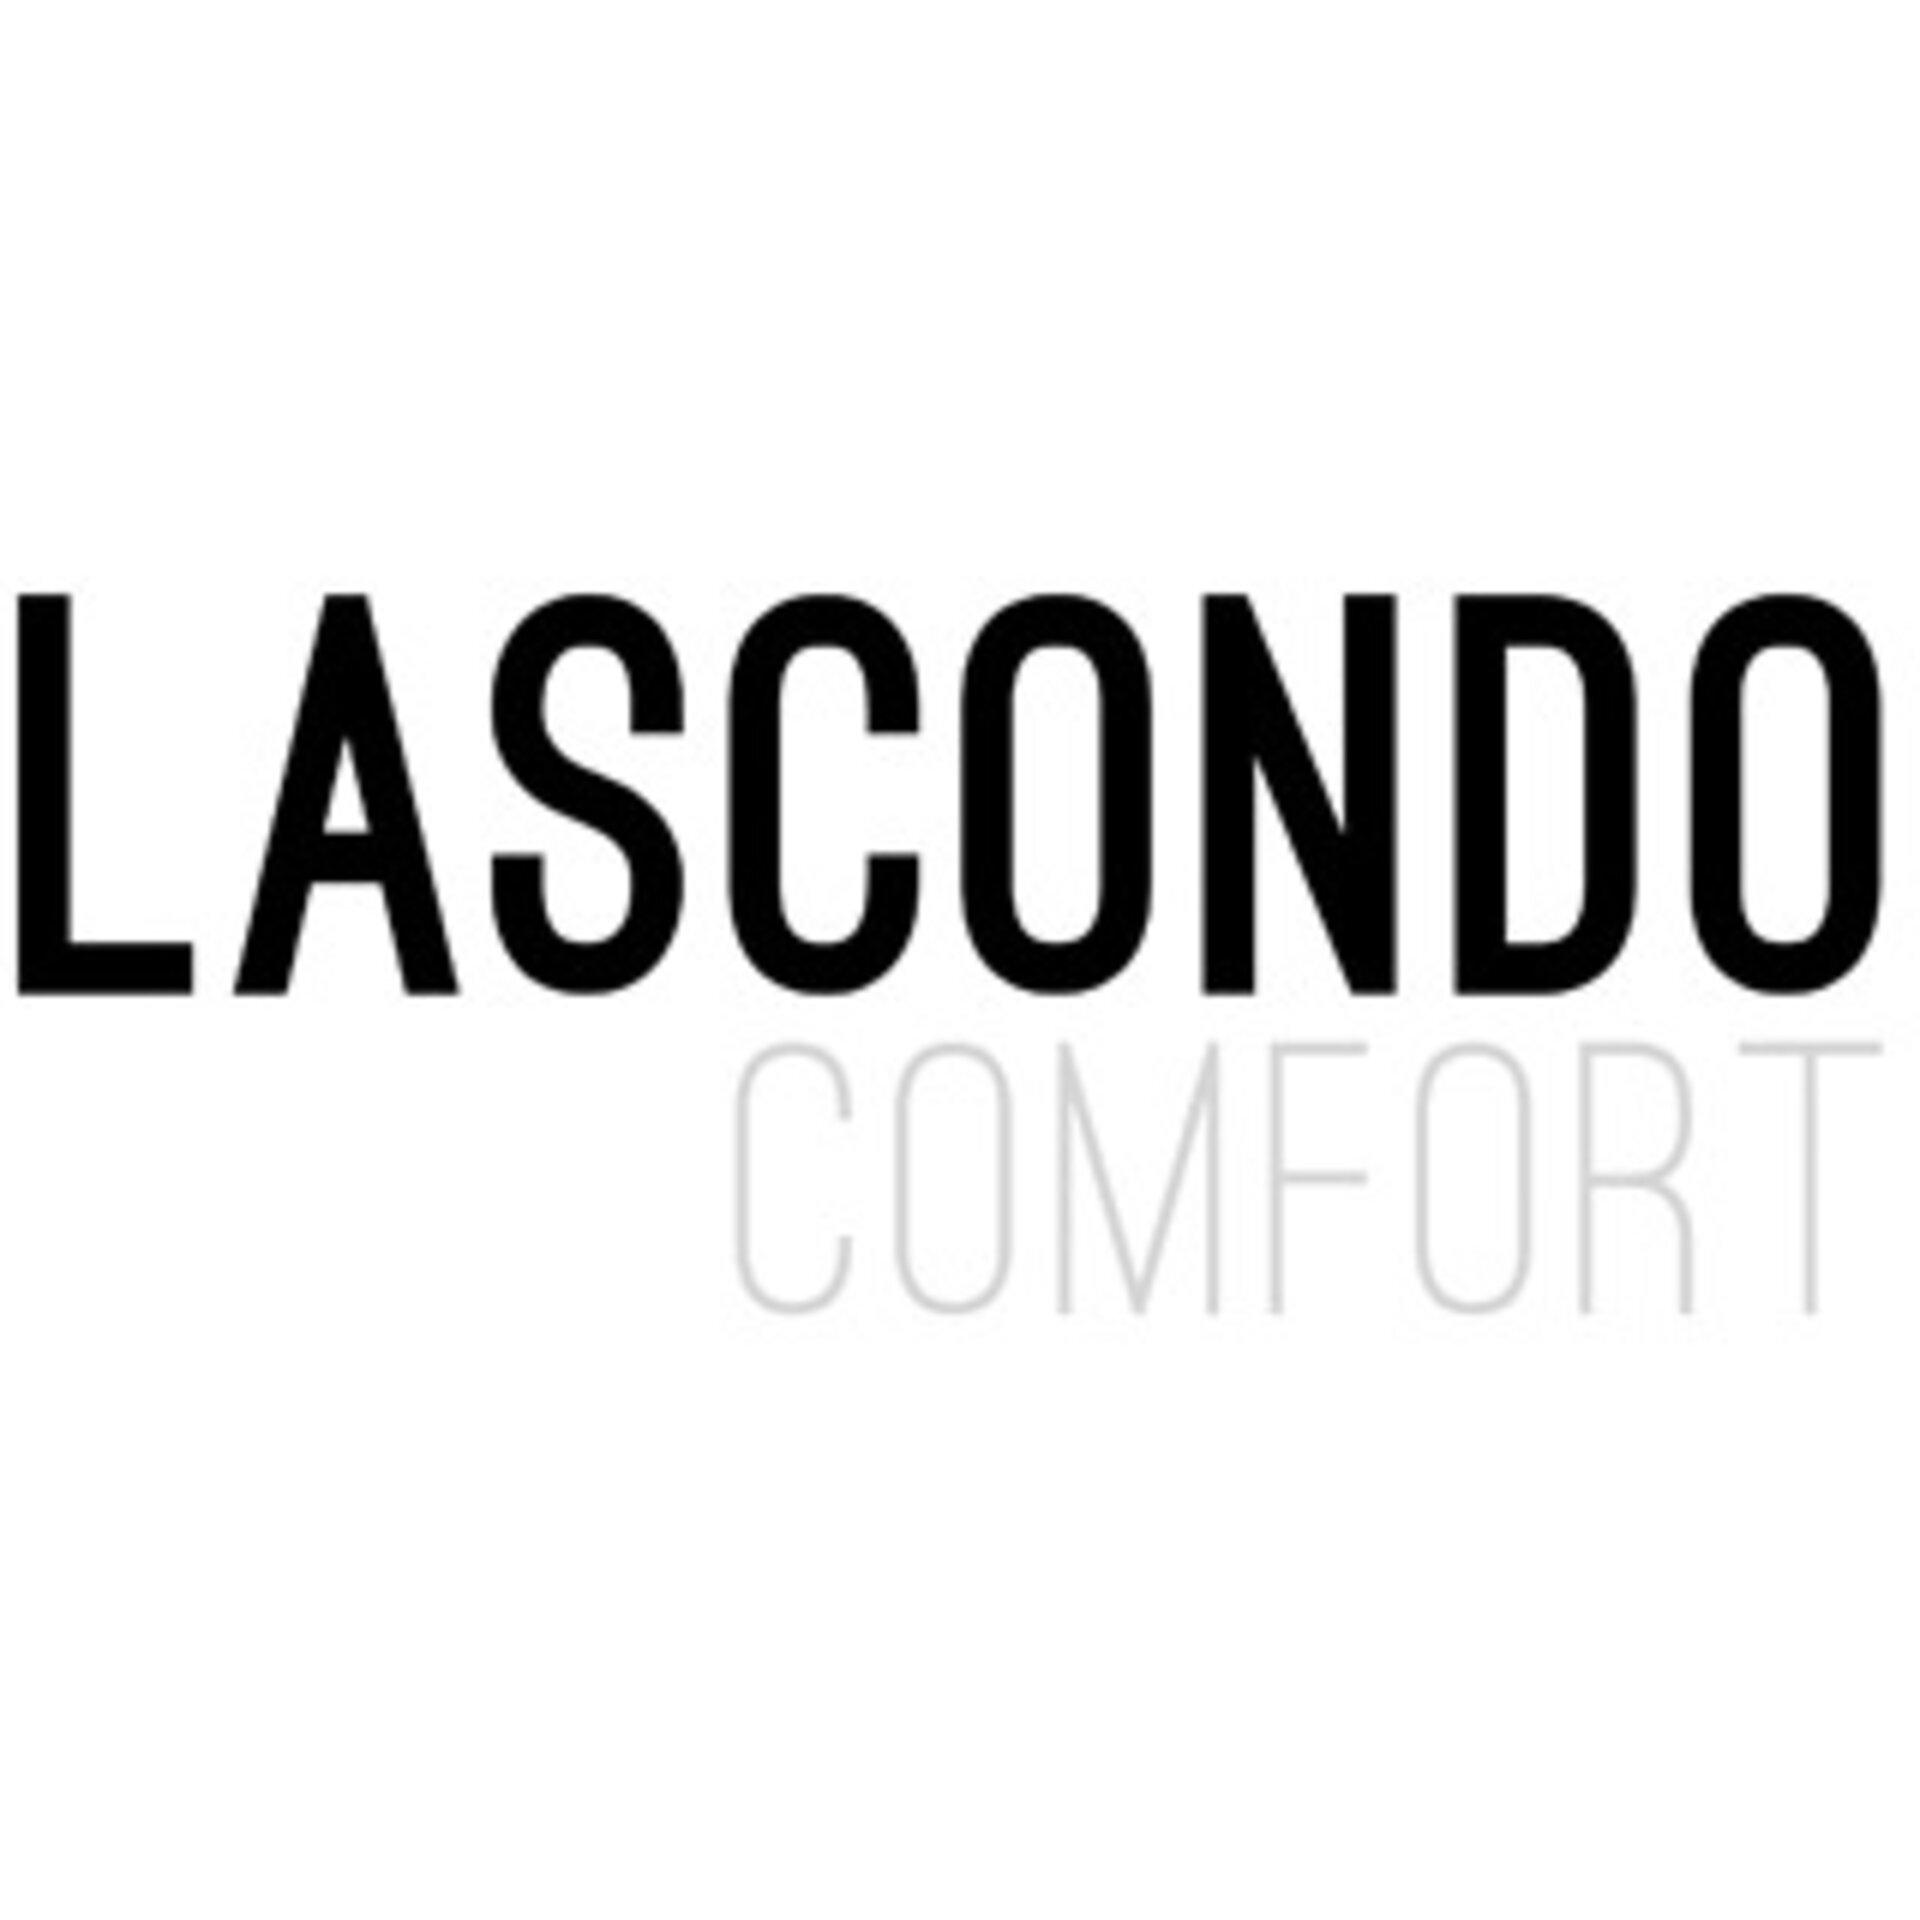 LASCONDO